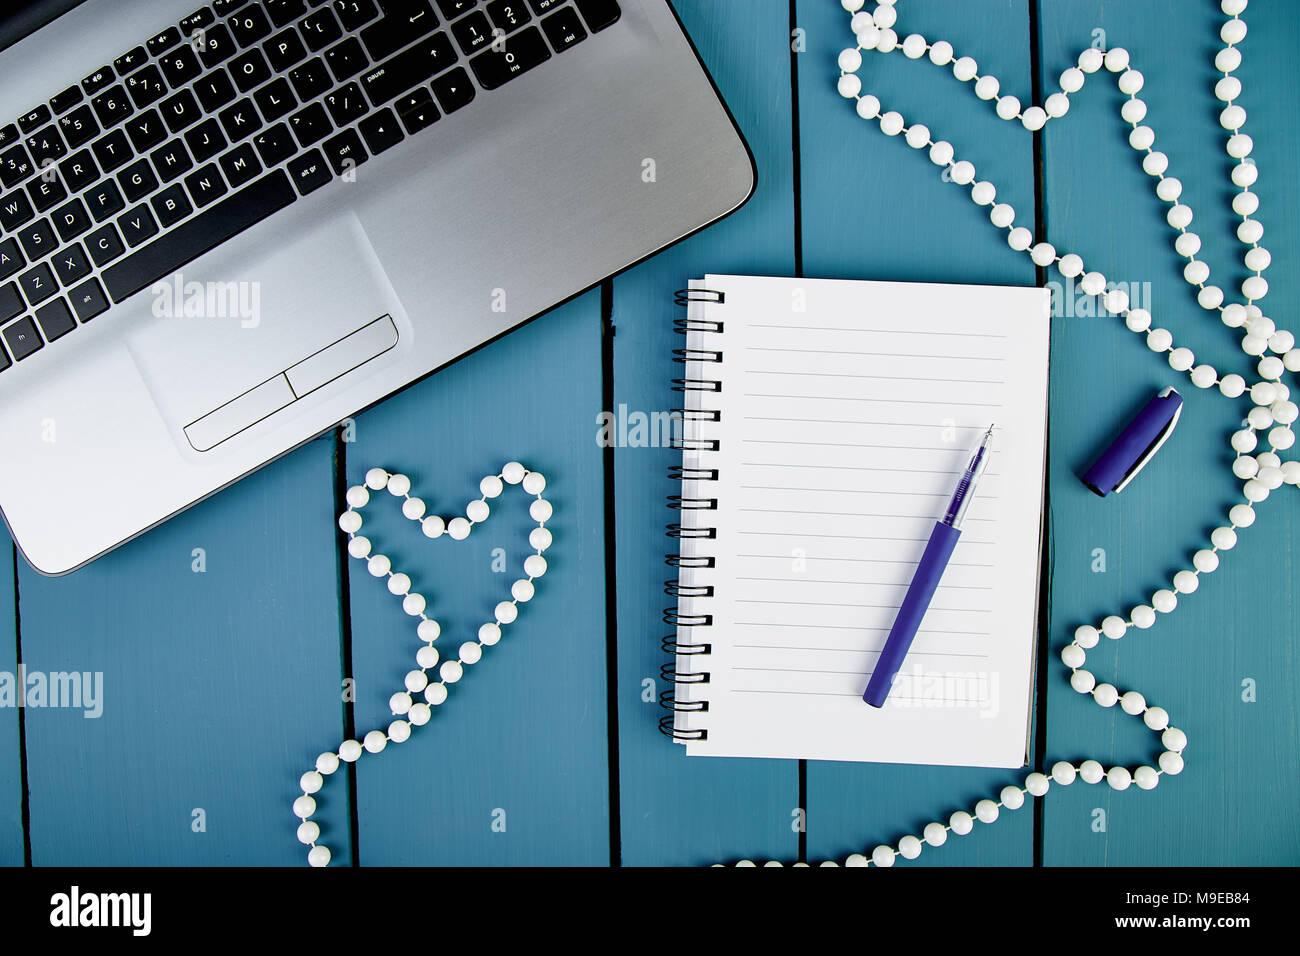 Le donne moderne workplace con notebook o computer portatile. Still Life, business, forniture per ufficio o il concetto di istruzione. Lay piatto. Vista dall'alto. Il simbolo Cuore, l'amore. Foto Stock